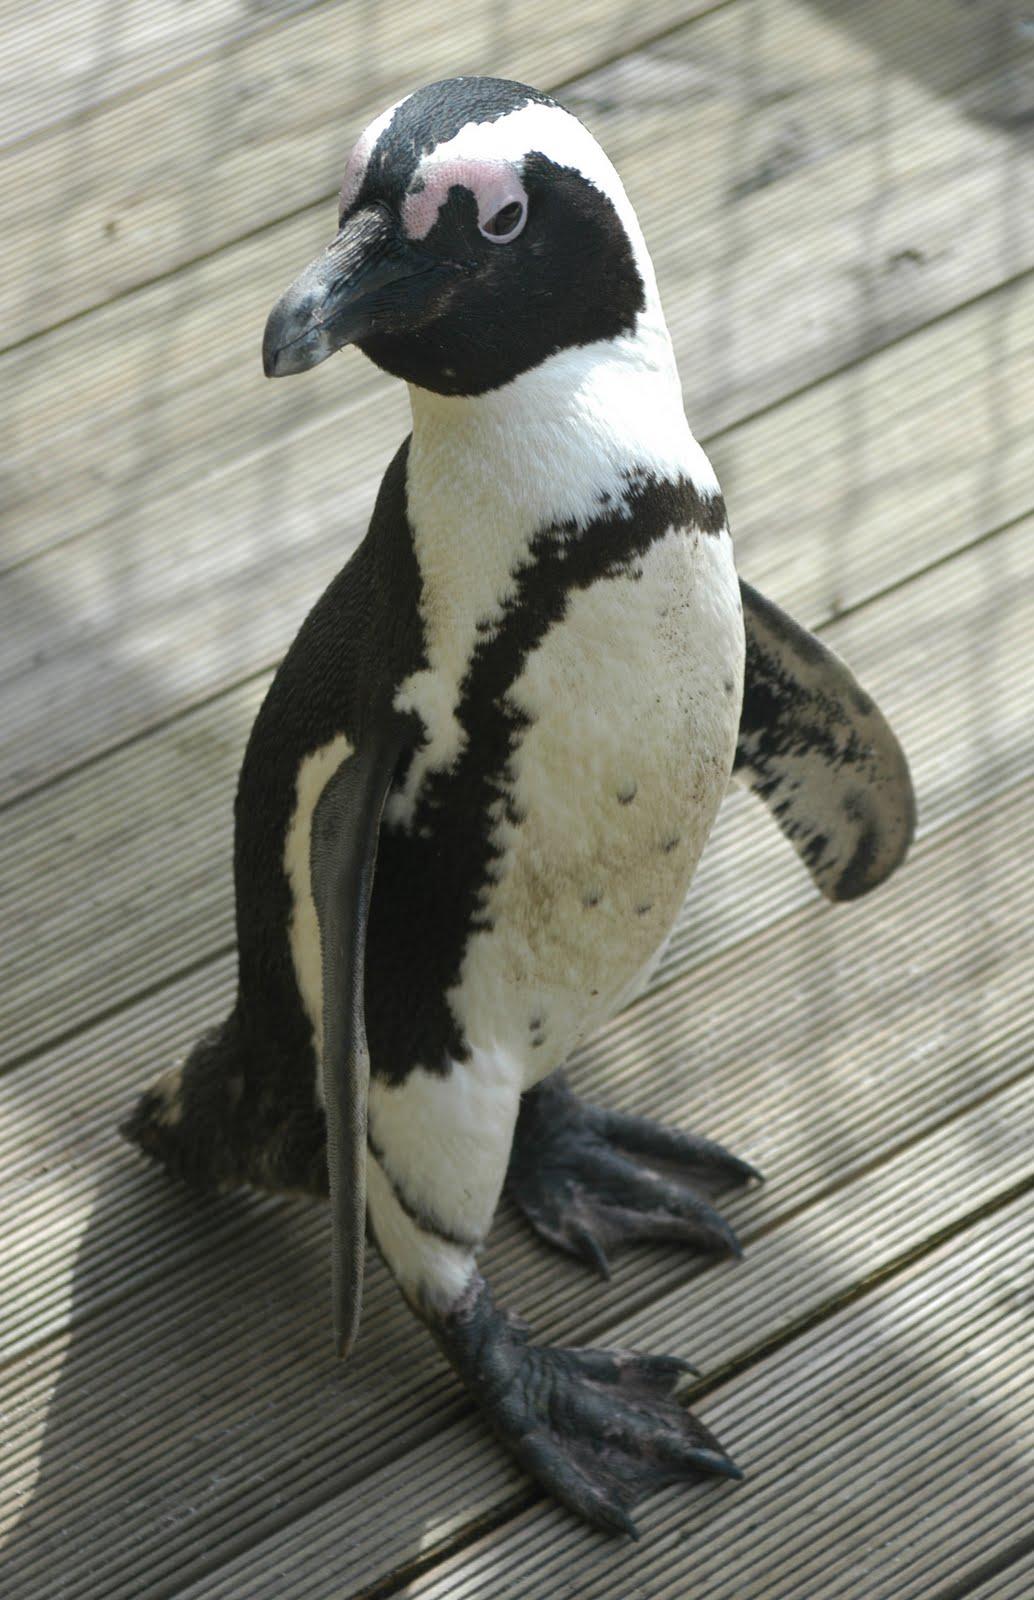 http://1.bp.blogspot.com/-cXFKJVcbAyU/TjmOgXezyAI/AAAAAAAAAOo/oDReDoCaRm4/s1600/Penguin+Wallpapers+11.jpg